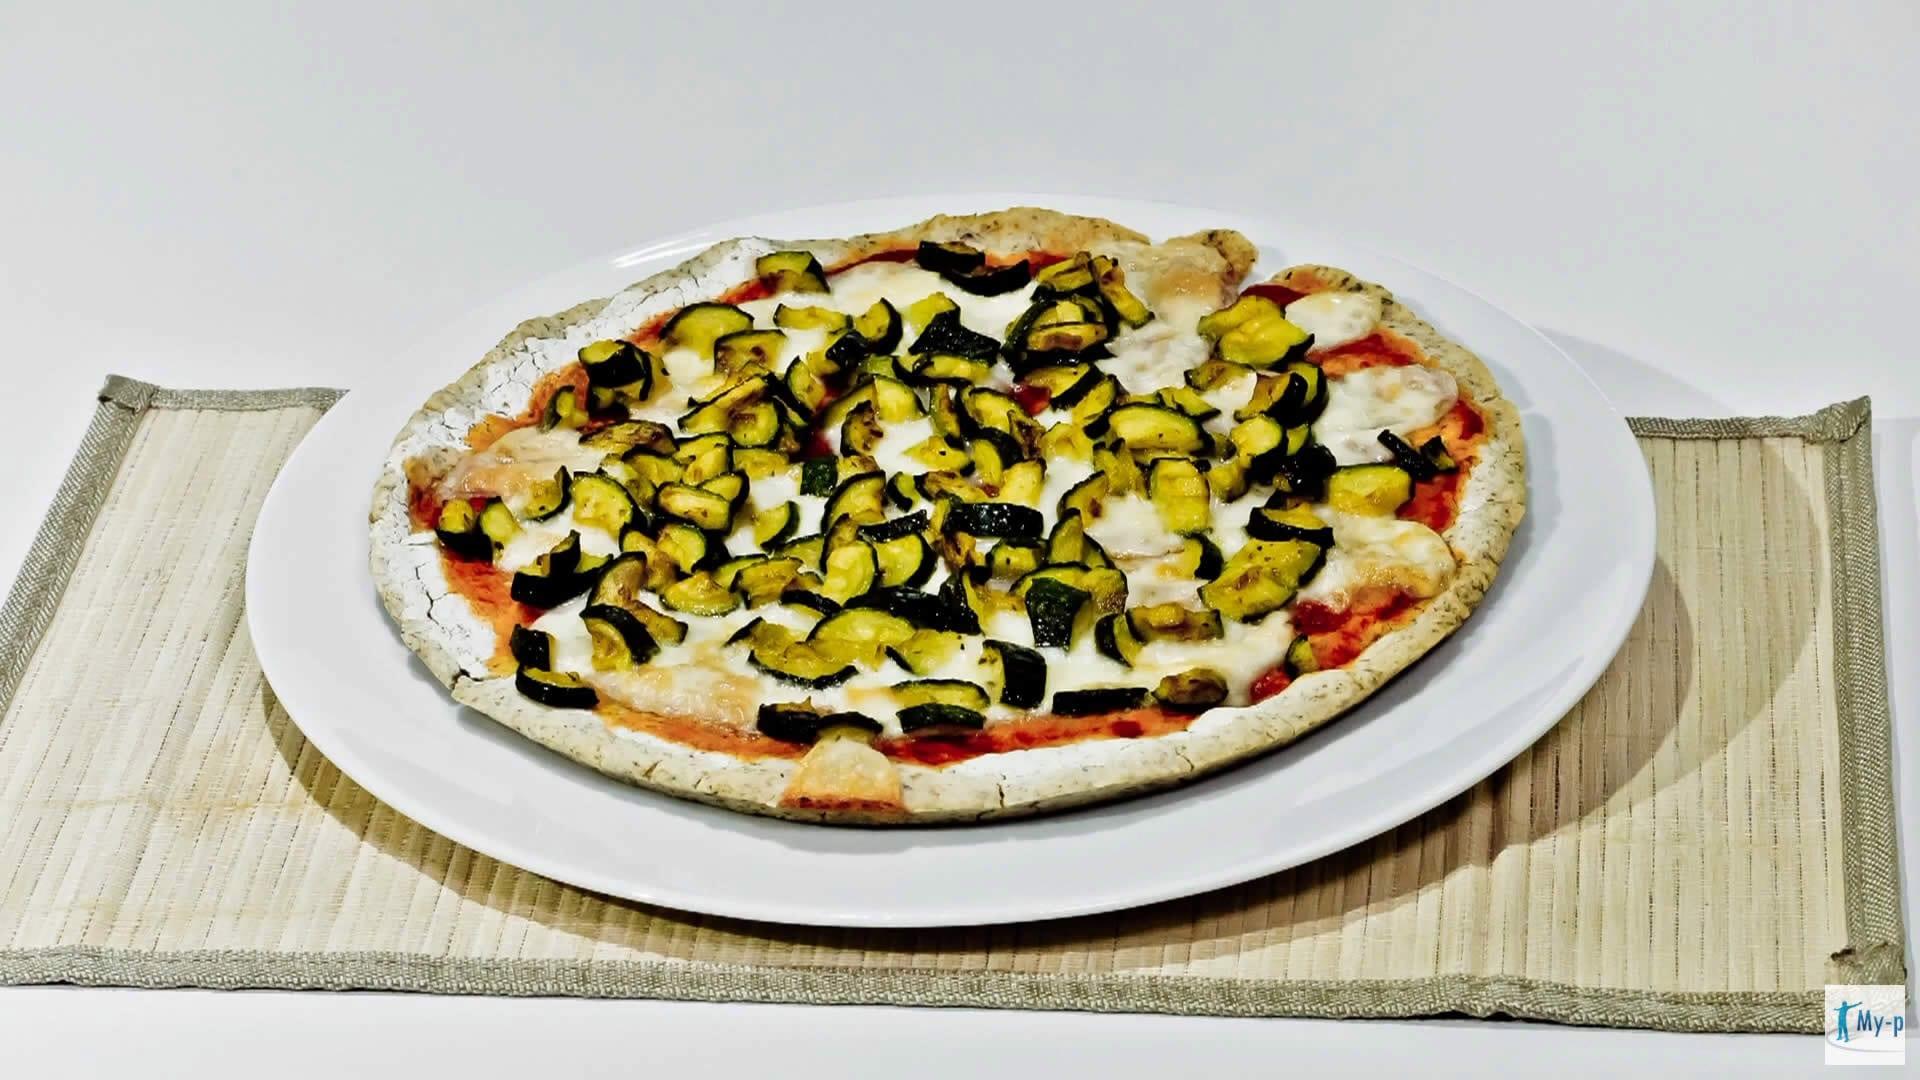 Foto Pizza croccante senza glutine con grano saraceno